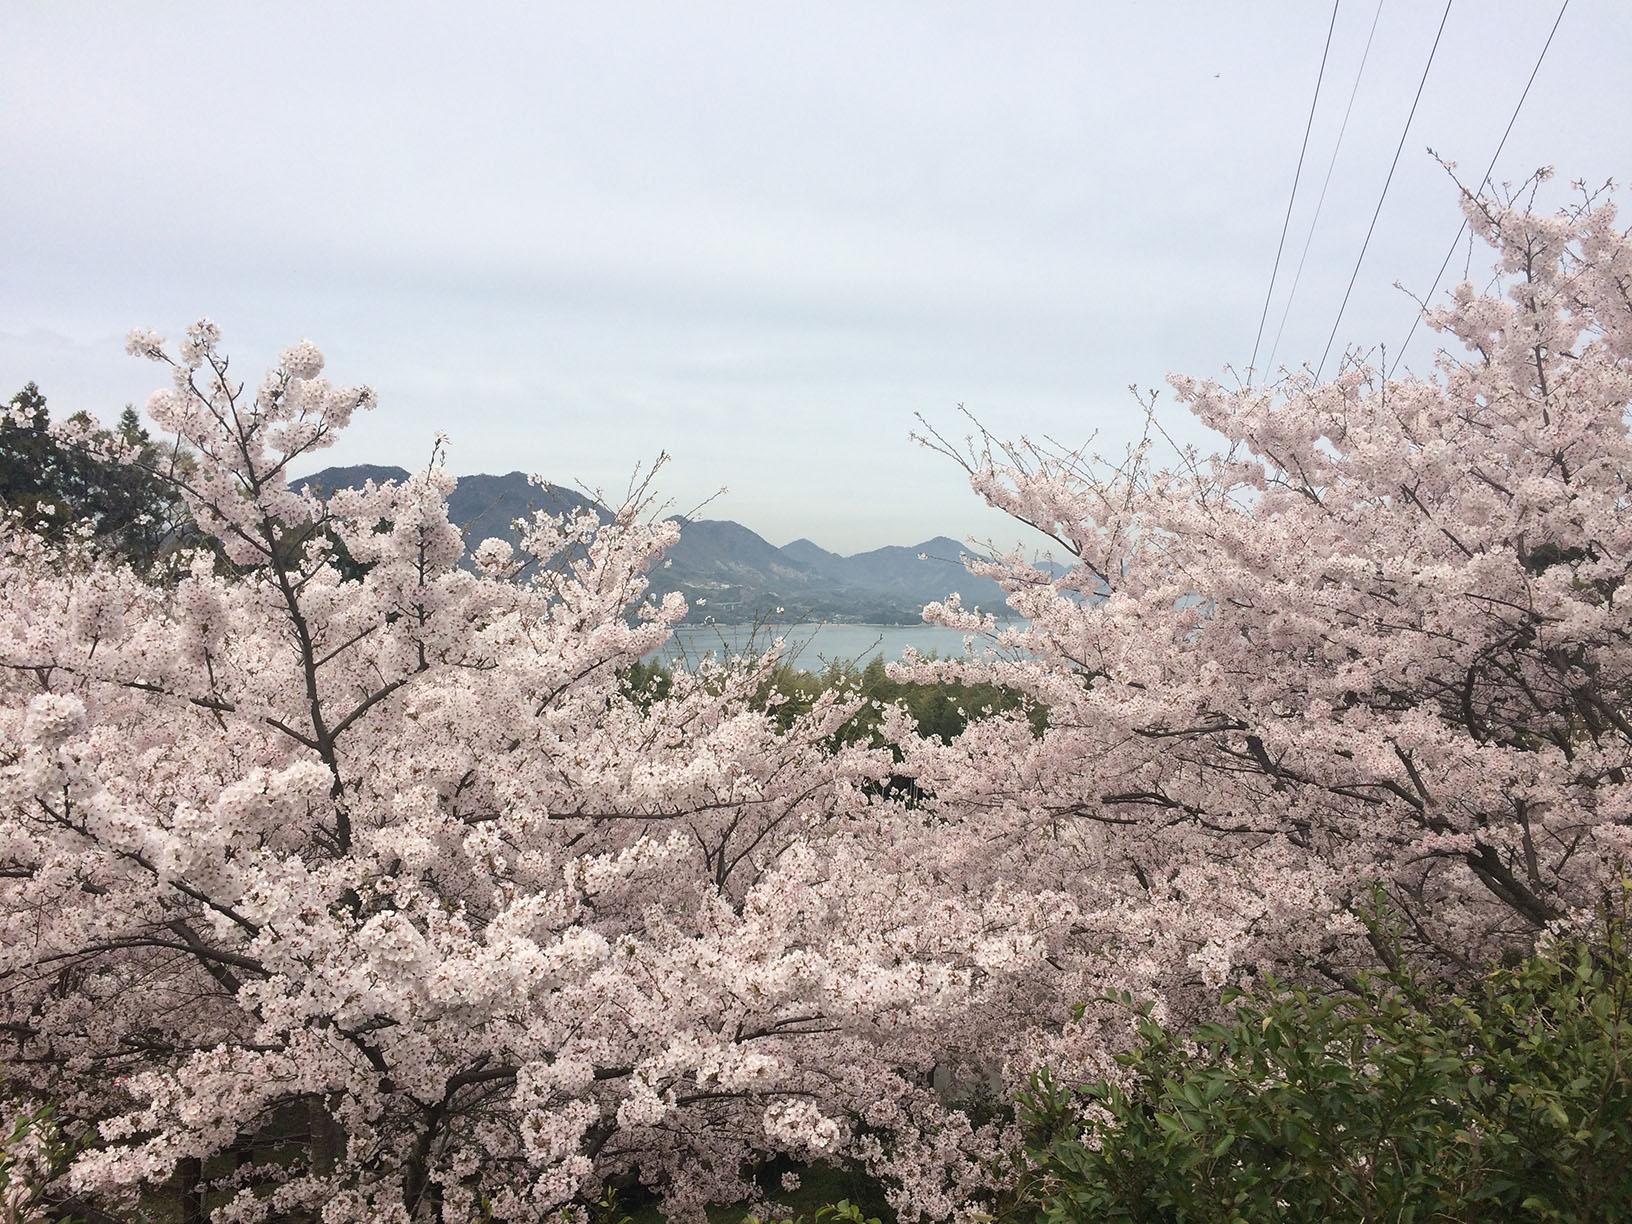 桜の名所,セレクション,みとん今治,スポット